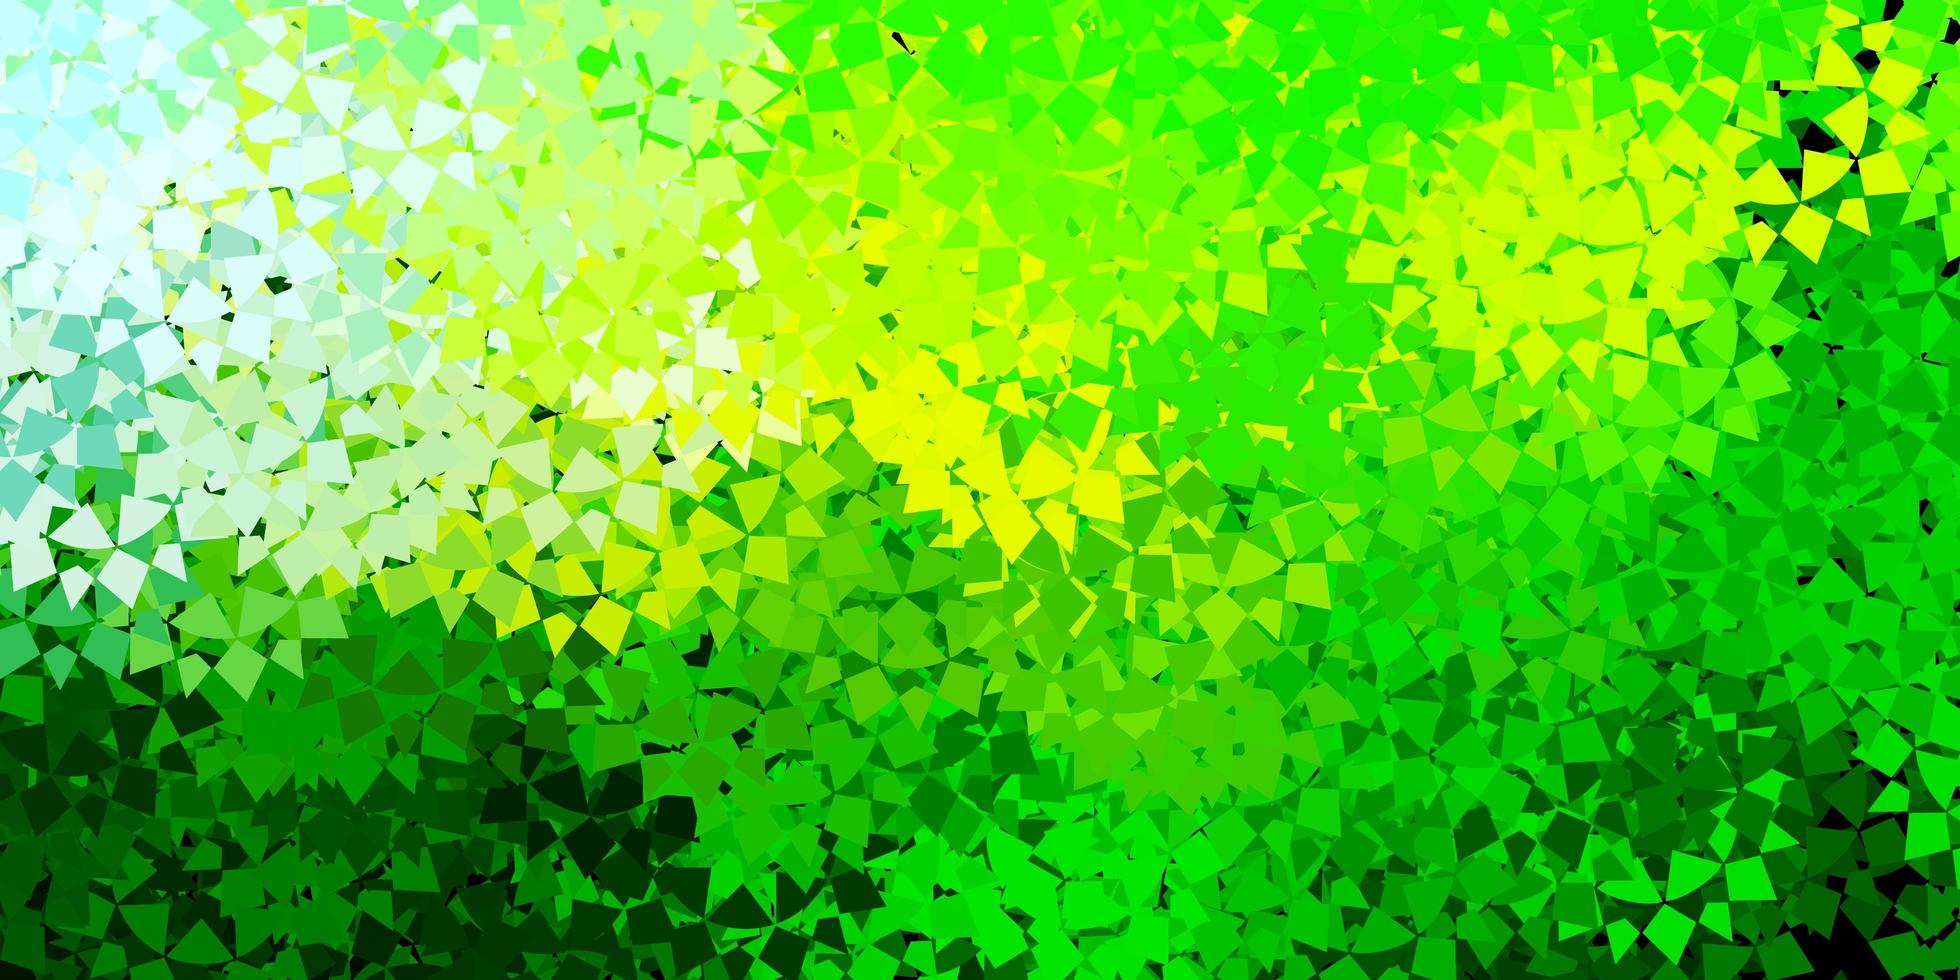 hellgrüner, gelber Vektorhintergrund mit Dreiecken, Linien. vektor